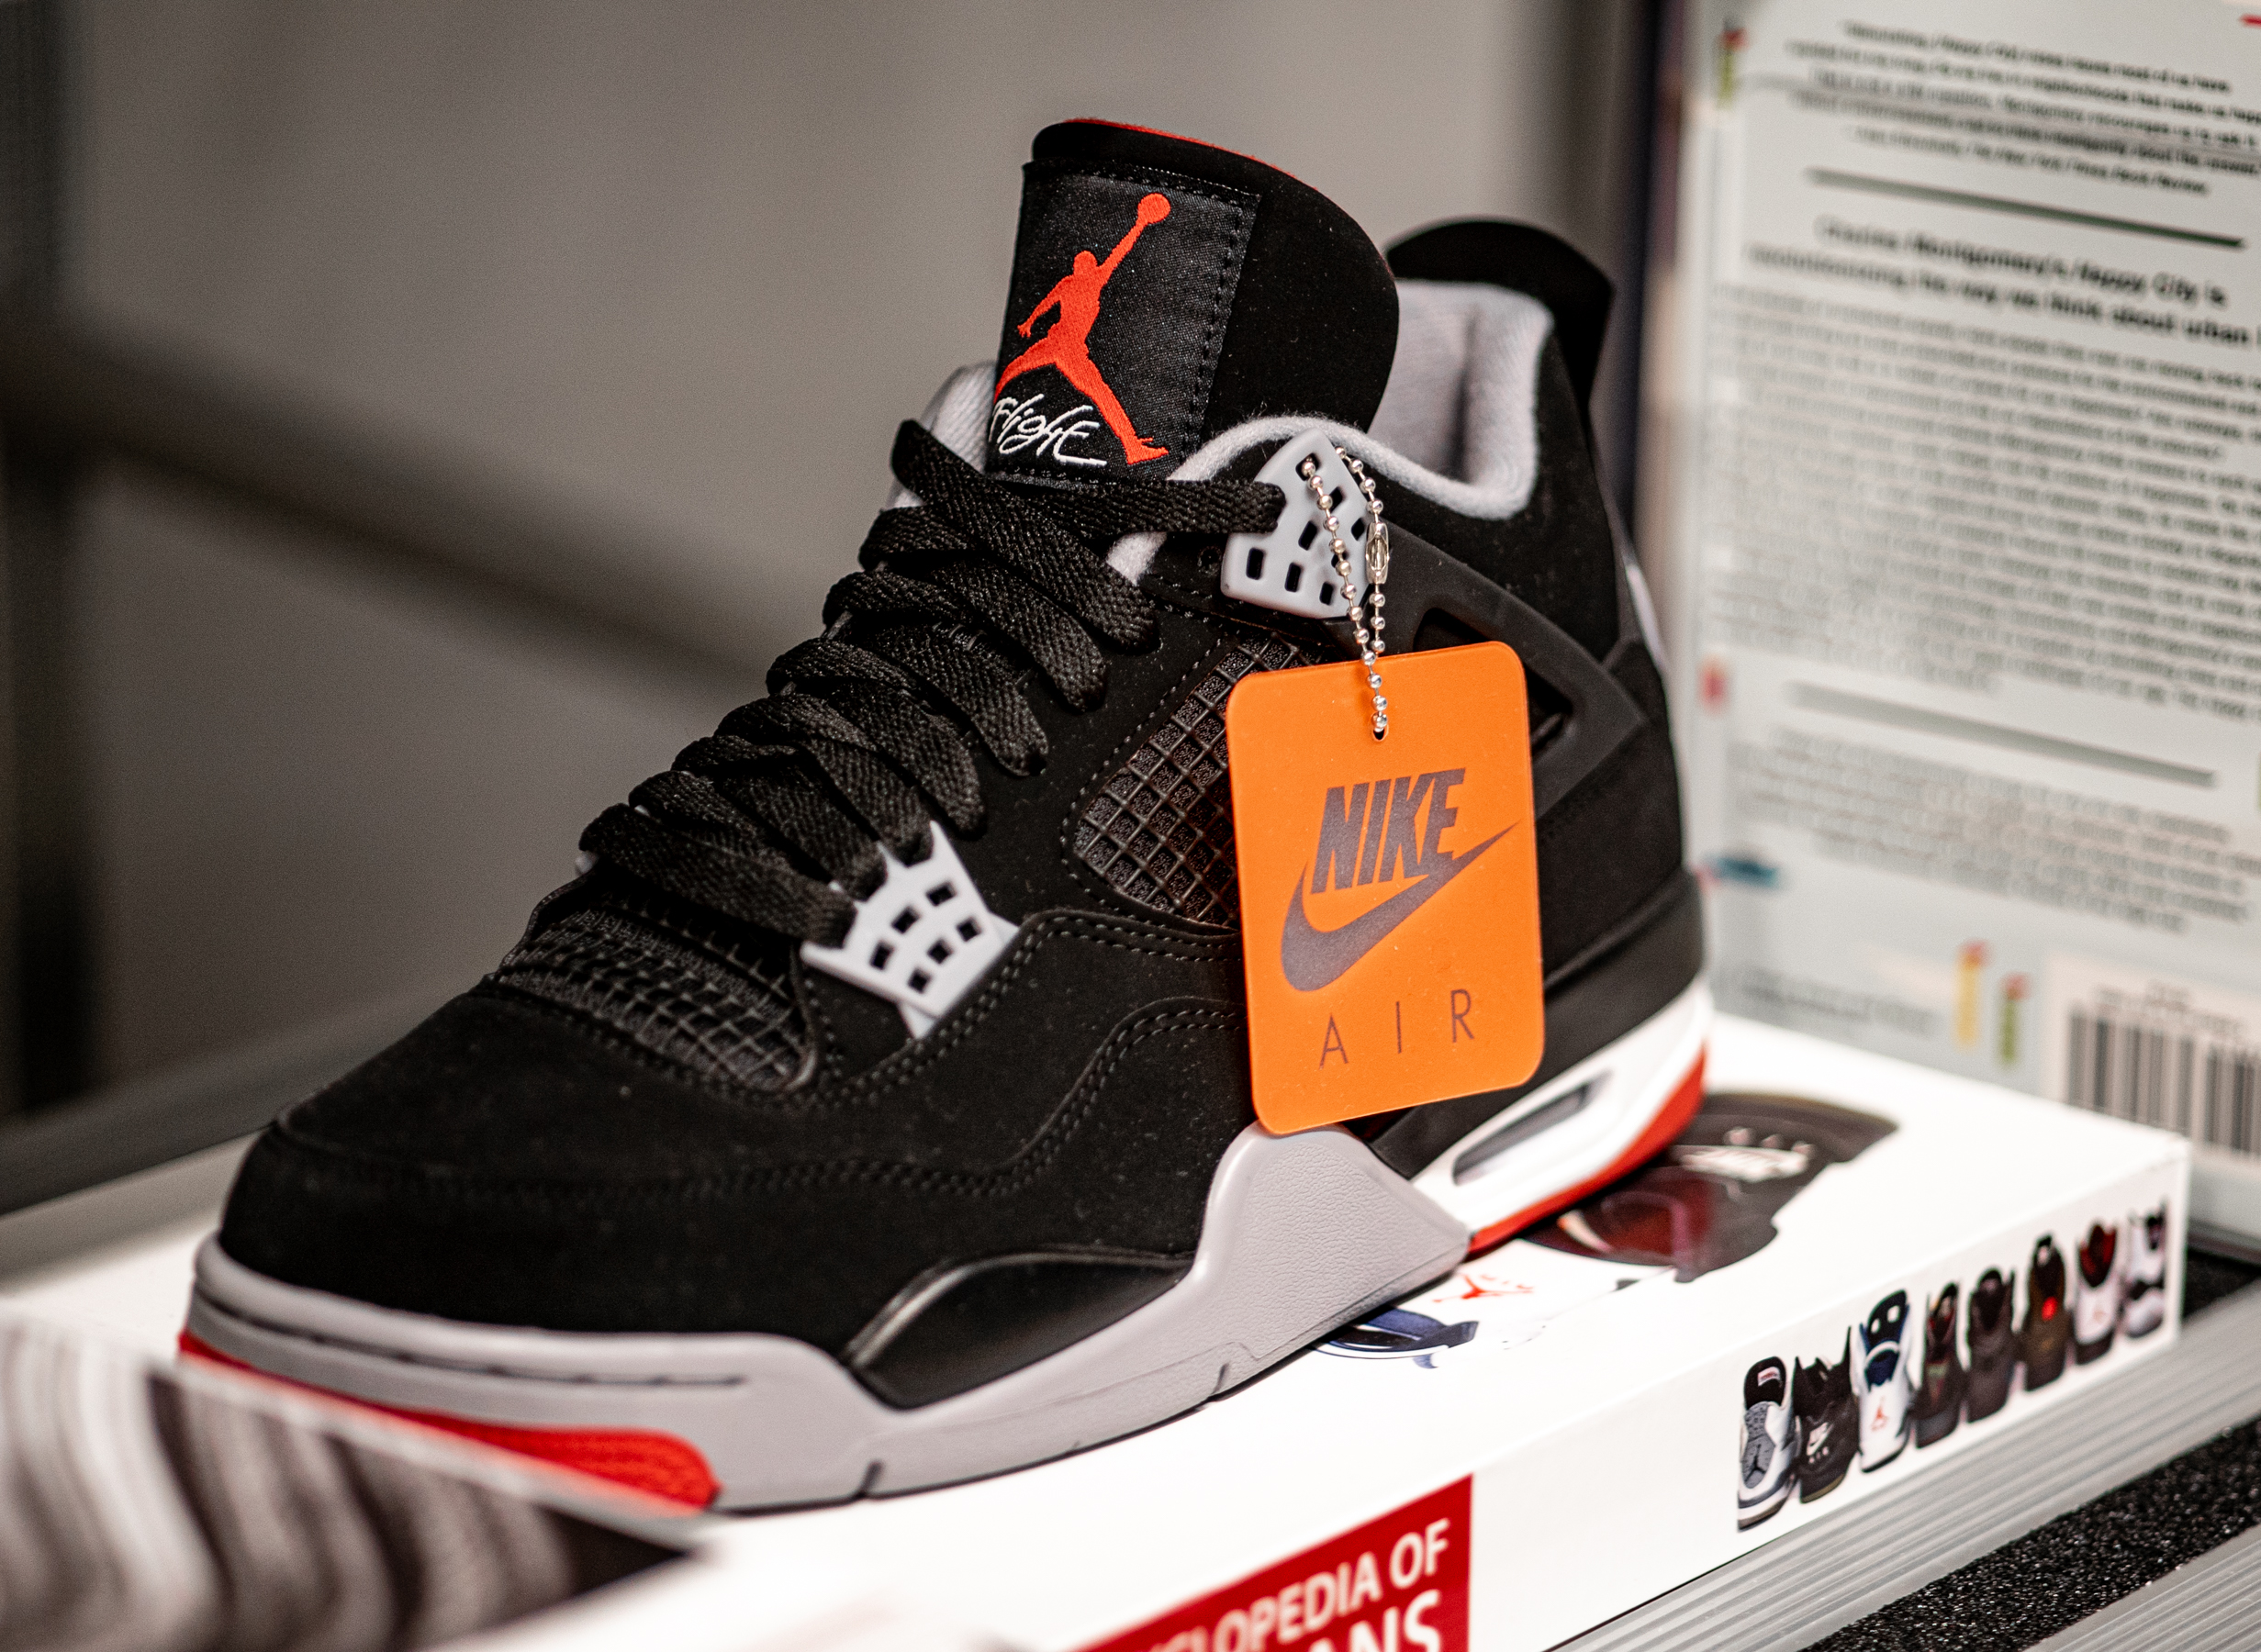 JFENSKE_10113_Satis_Nike_Relab__JTF2676_low_01.jpg